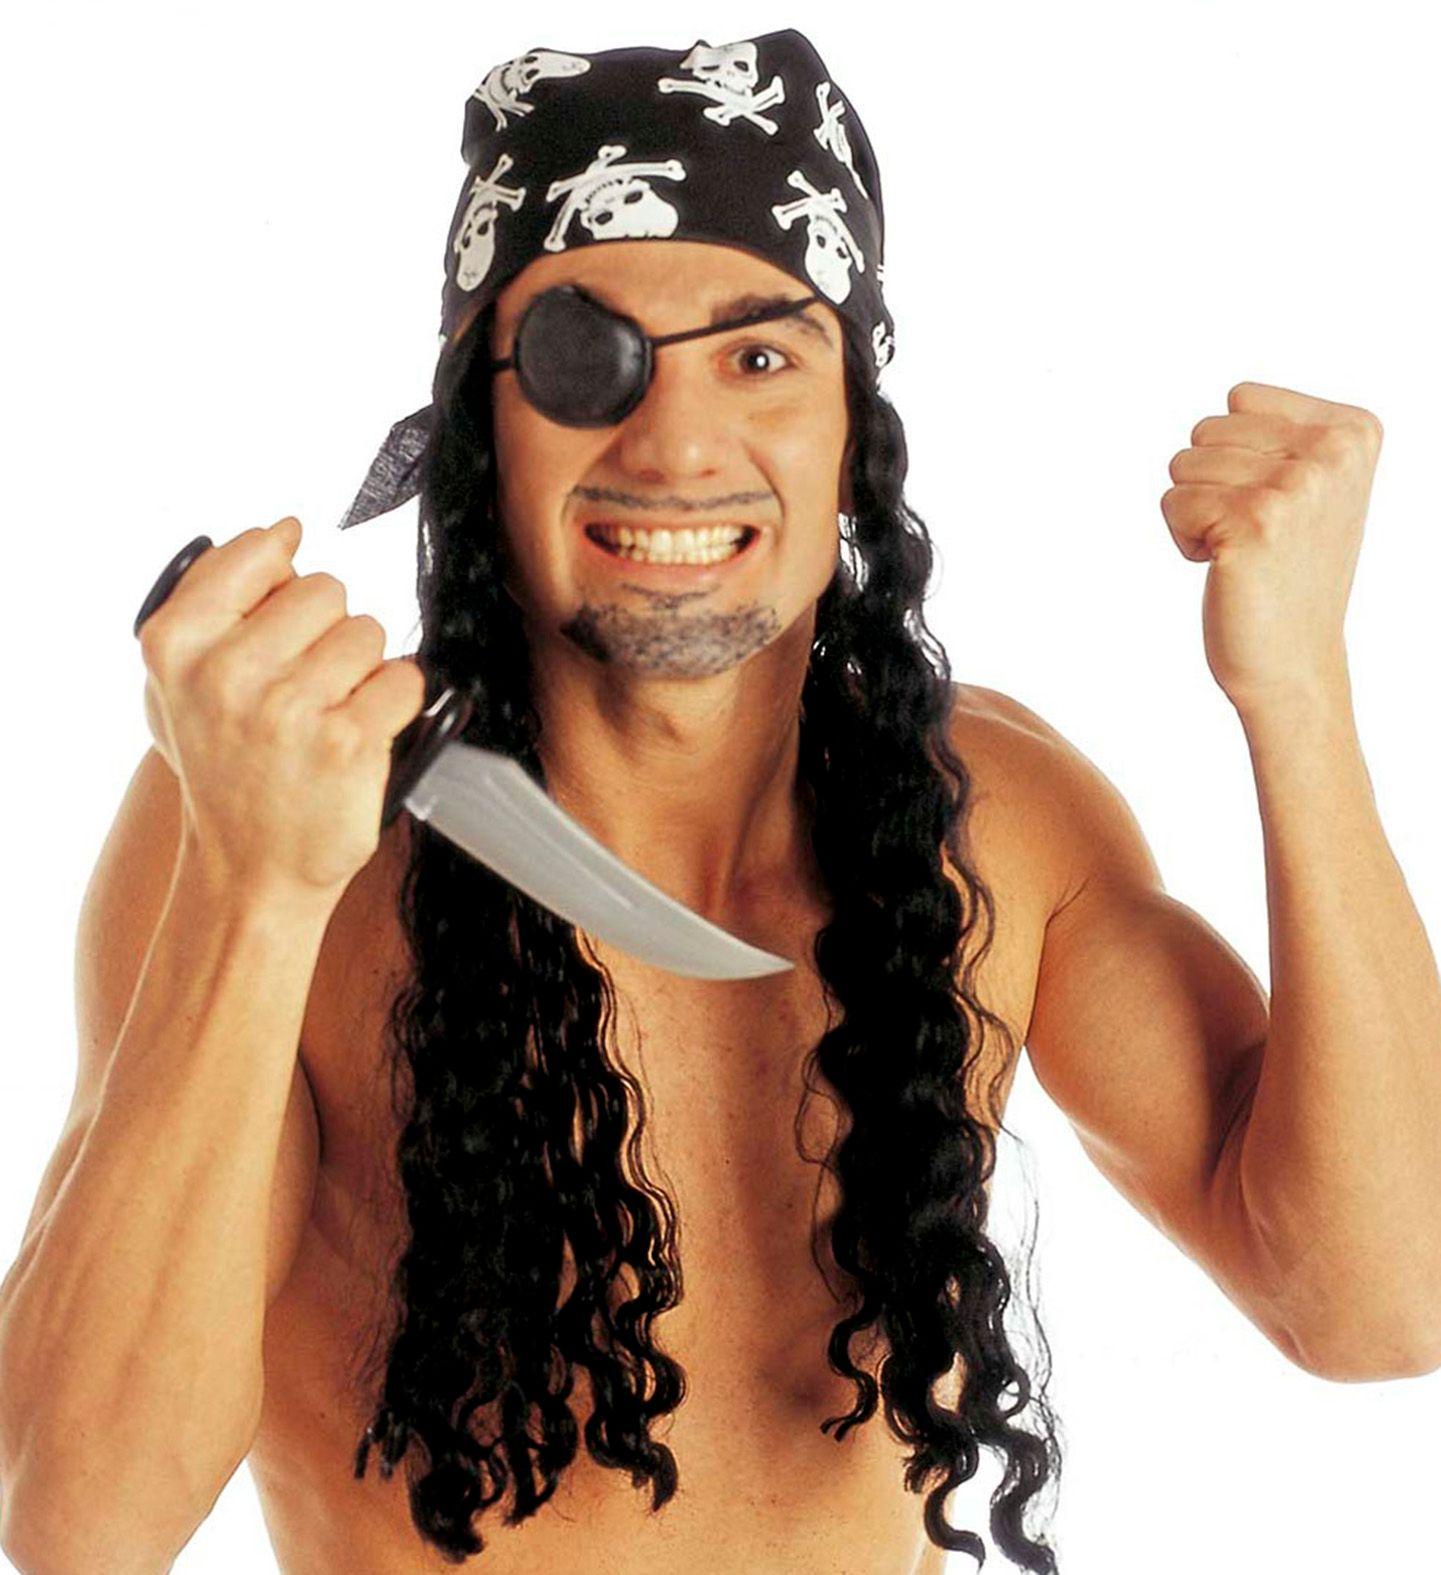 Zwarte piraten pruik met hoofddoek en ooglap